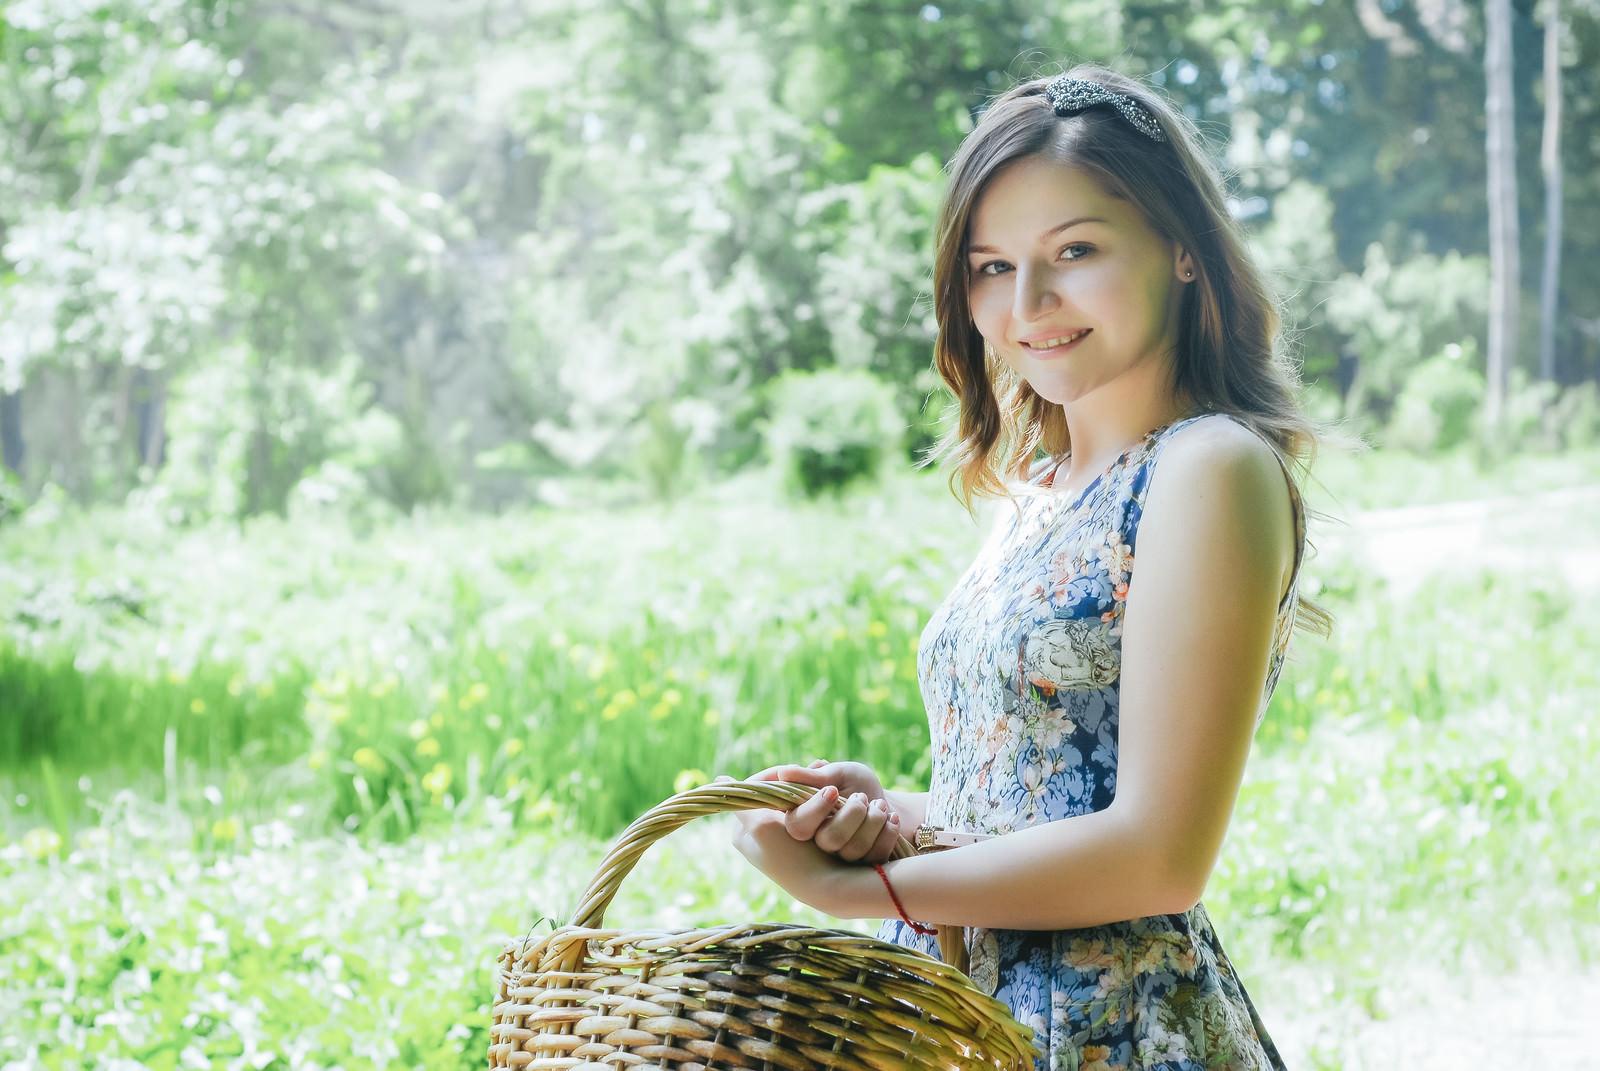 「バスケットを持った微笑むロシア人女性」の写真[モデル:モデルファクトリー]